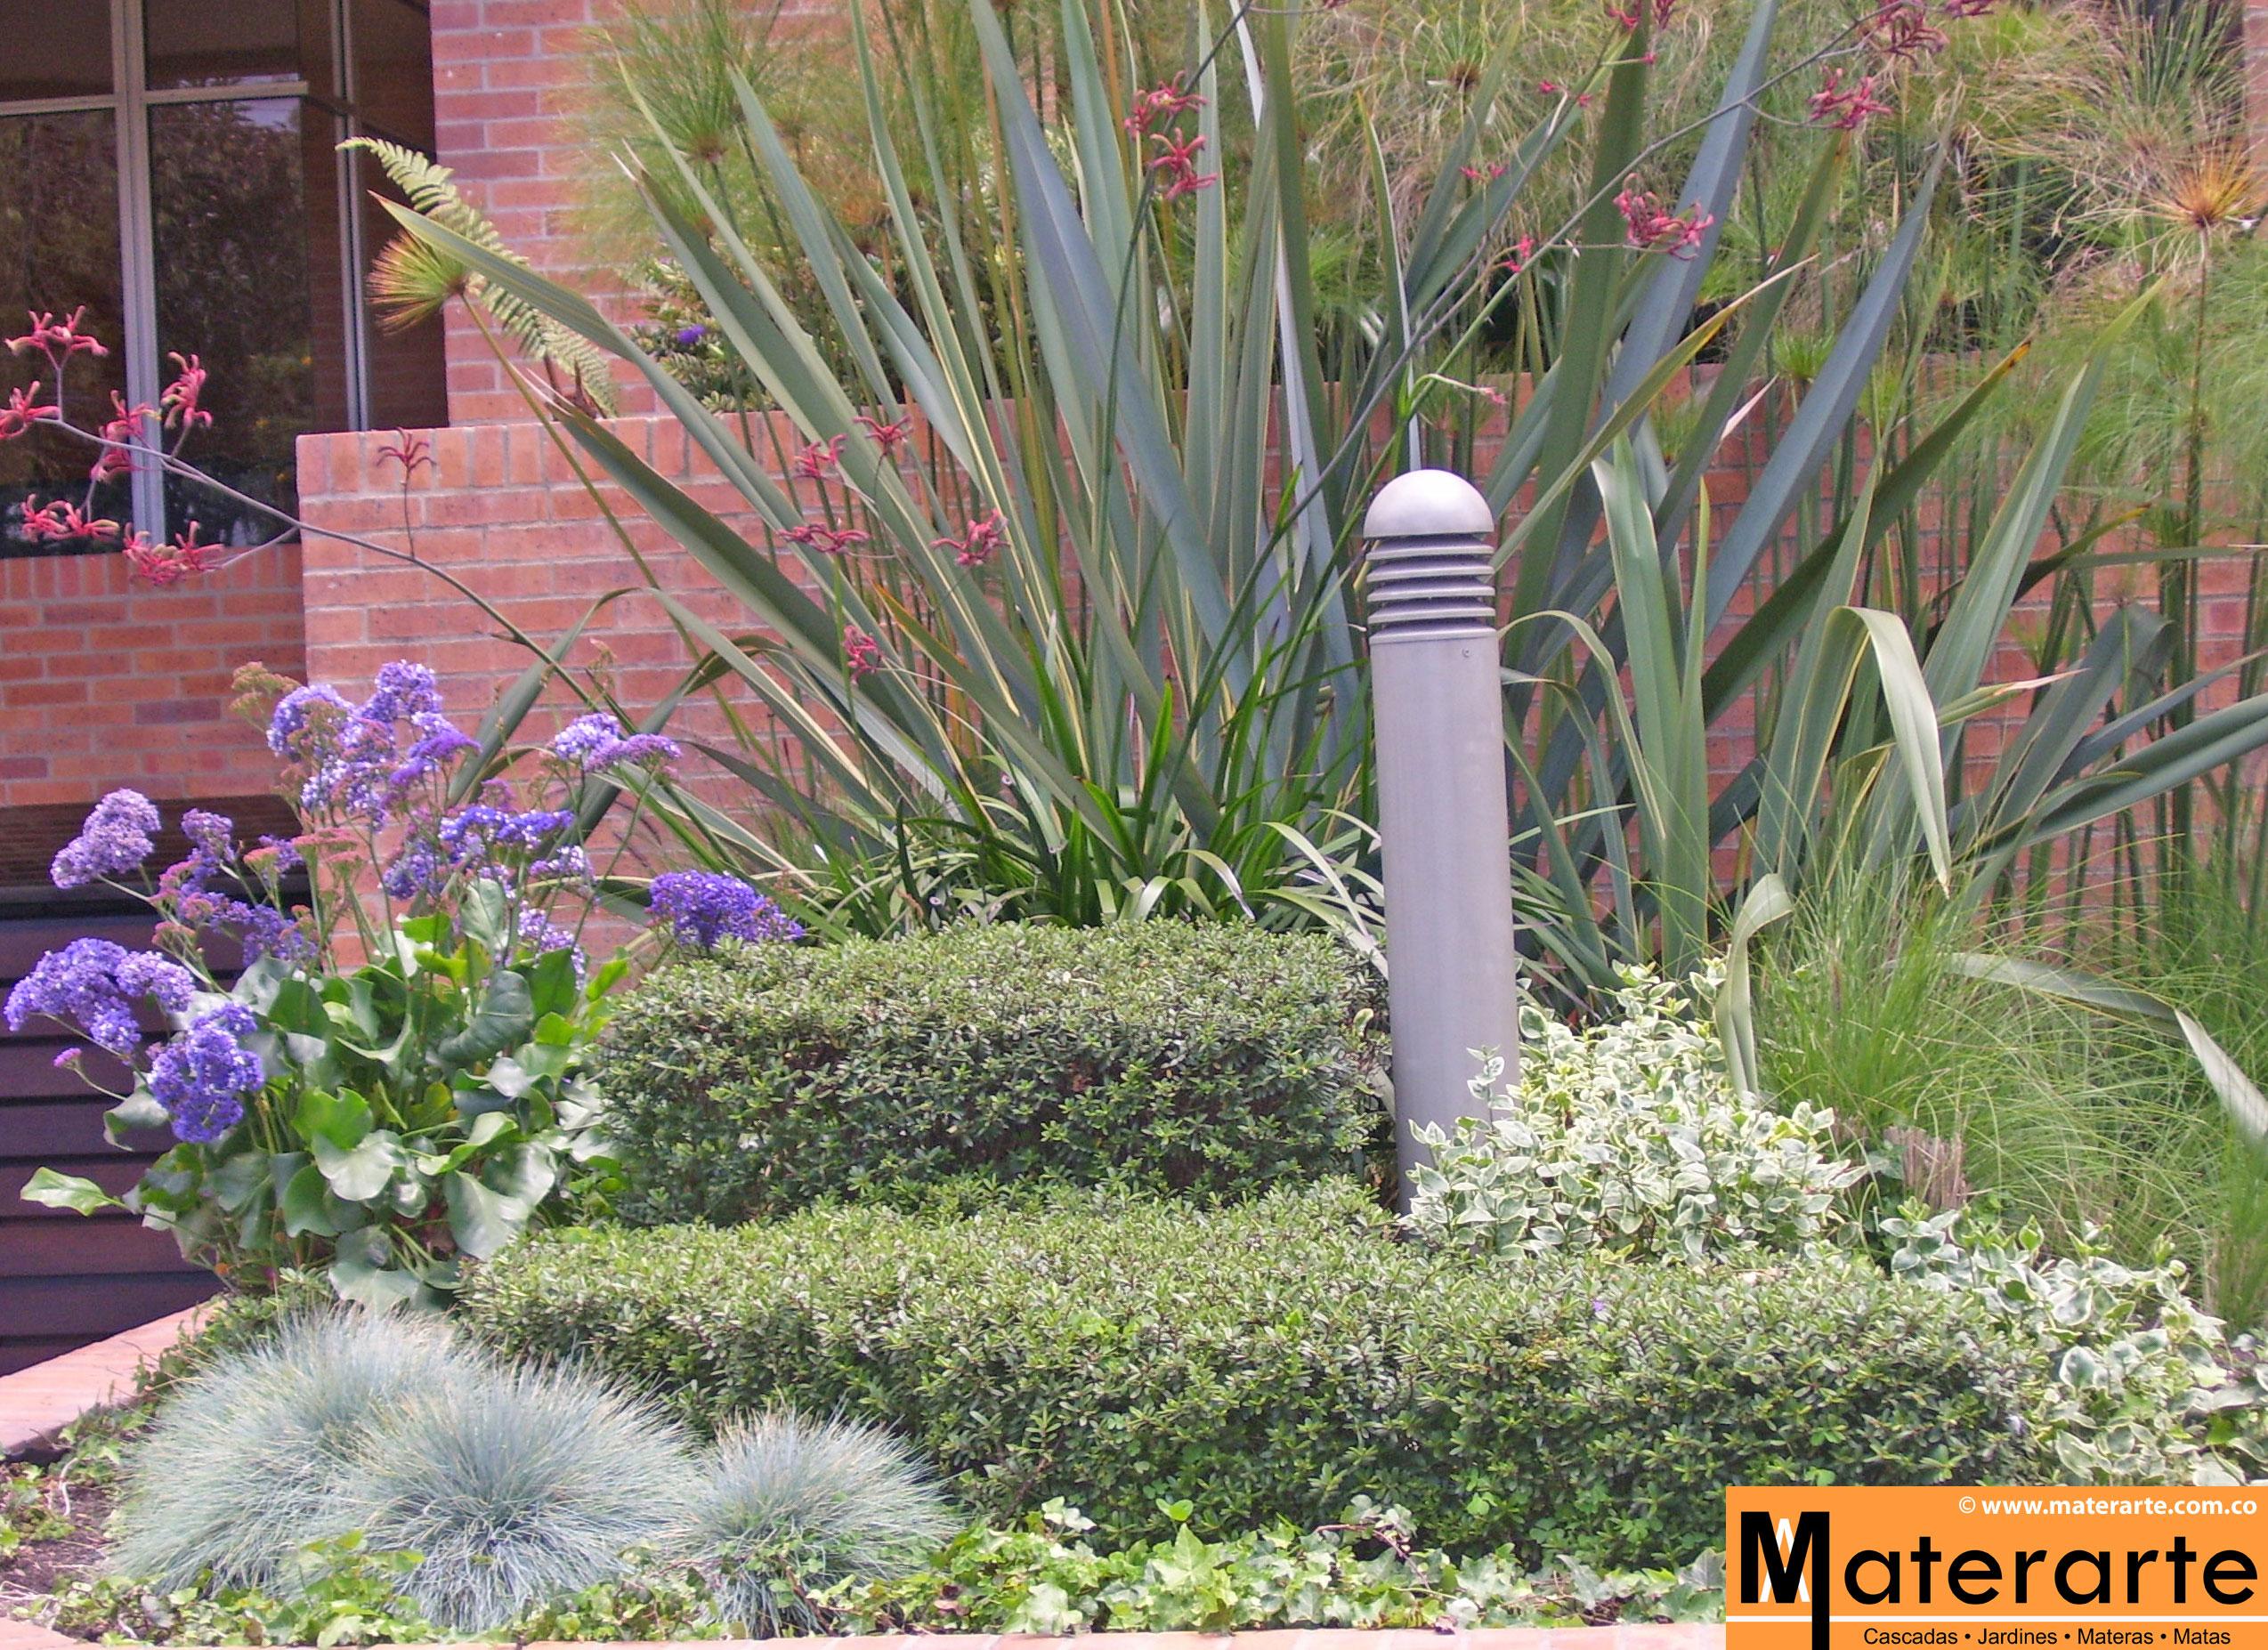 Materarte dise o construcci n y mantenimiento de - Jardines y exteriores ...